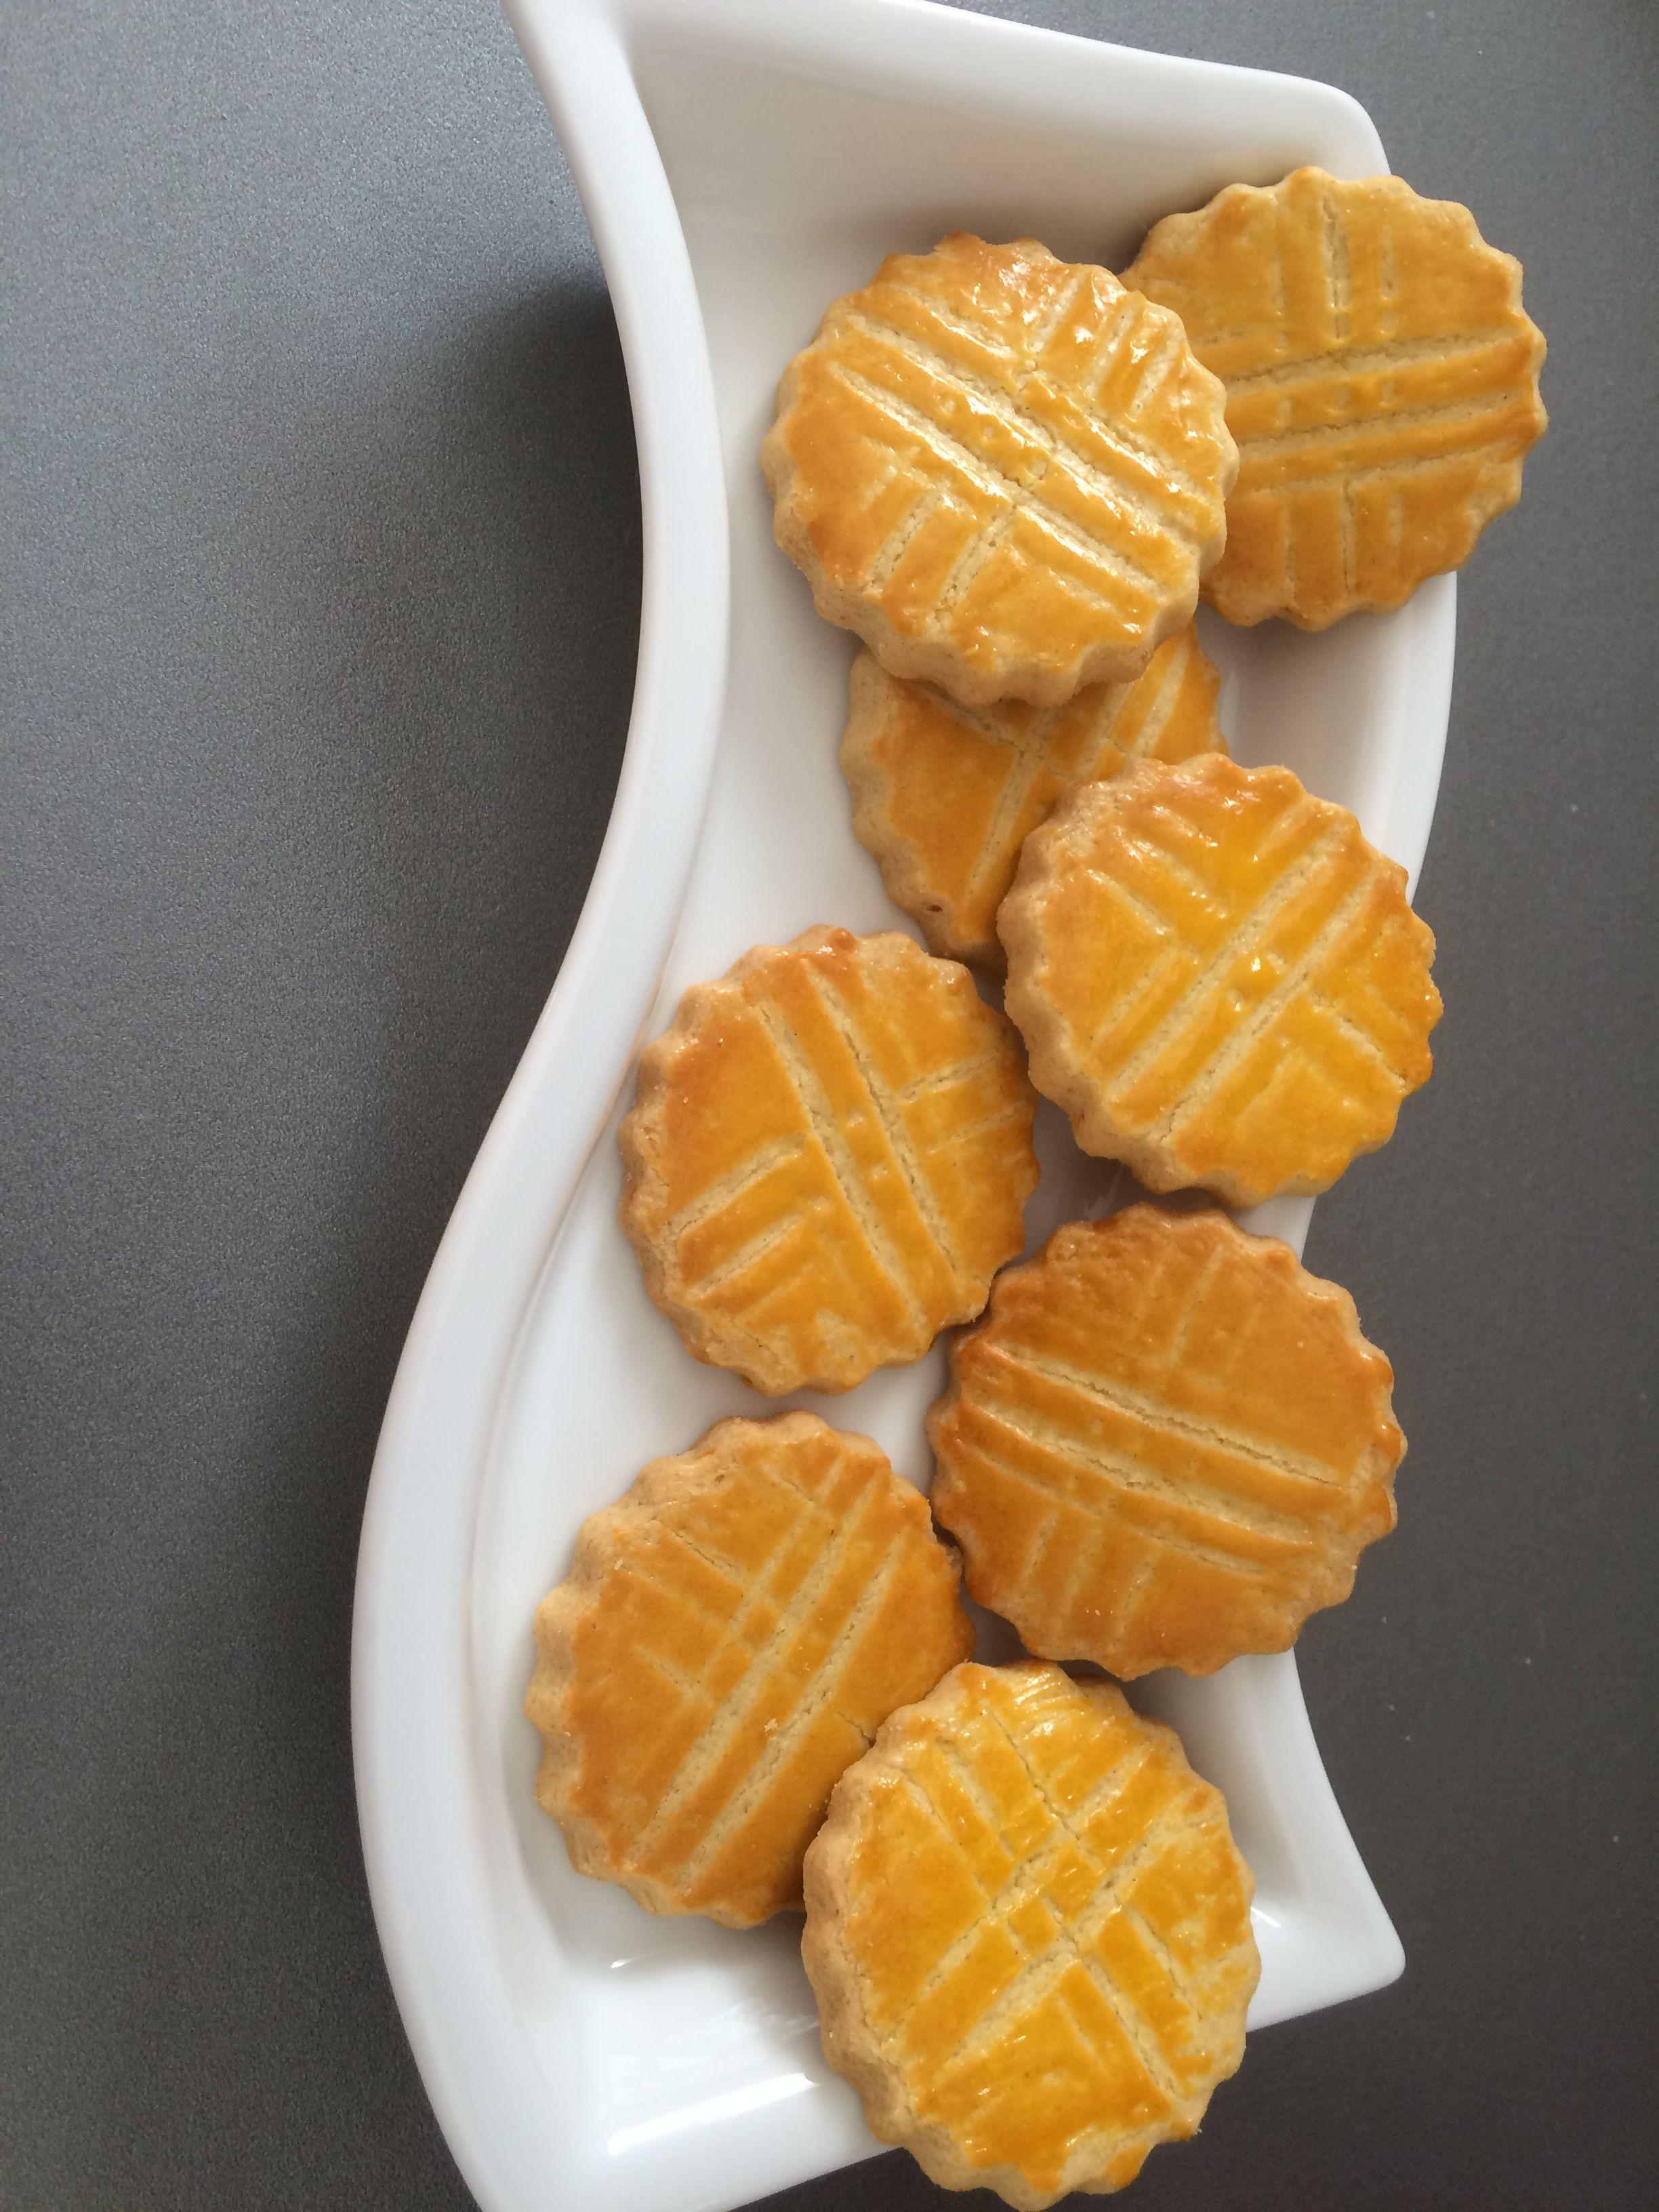 Découvrez les recettes Cooking Chef et partagez vos astuces et idées avec le Club pour profiter de vos avantages. http://www.cooking-chef.fr/espace-recettes/desserts-entremets-gateaux/sables-bretons